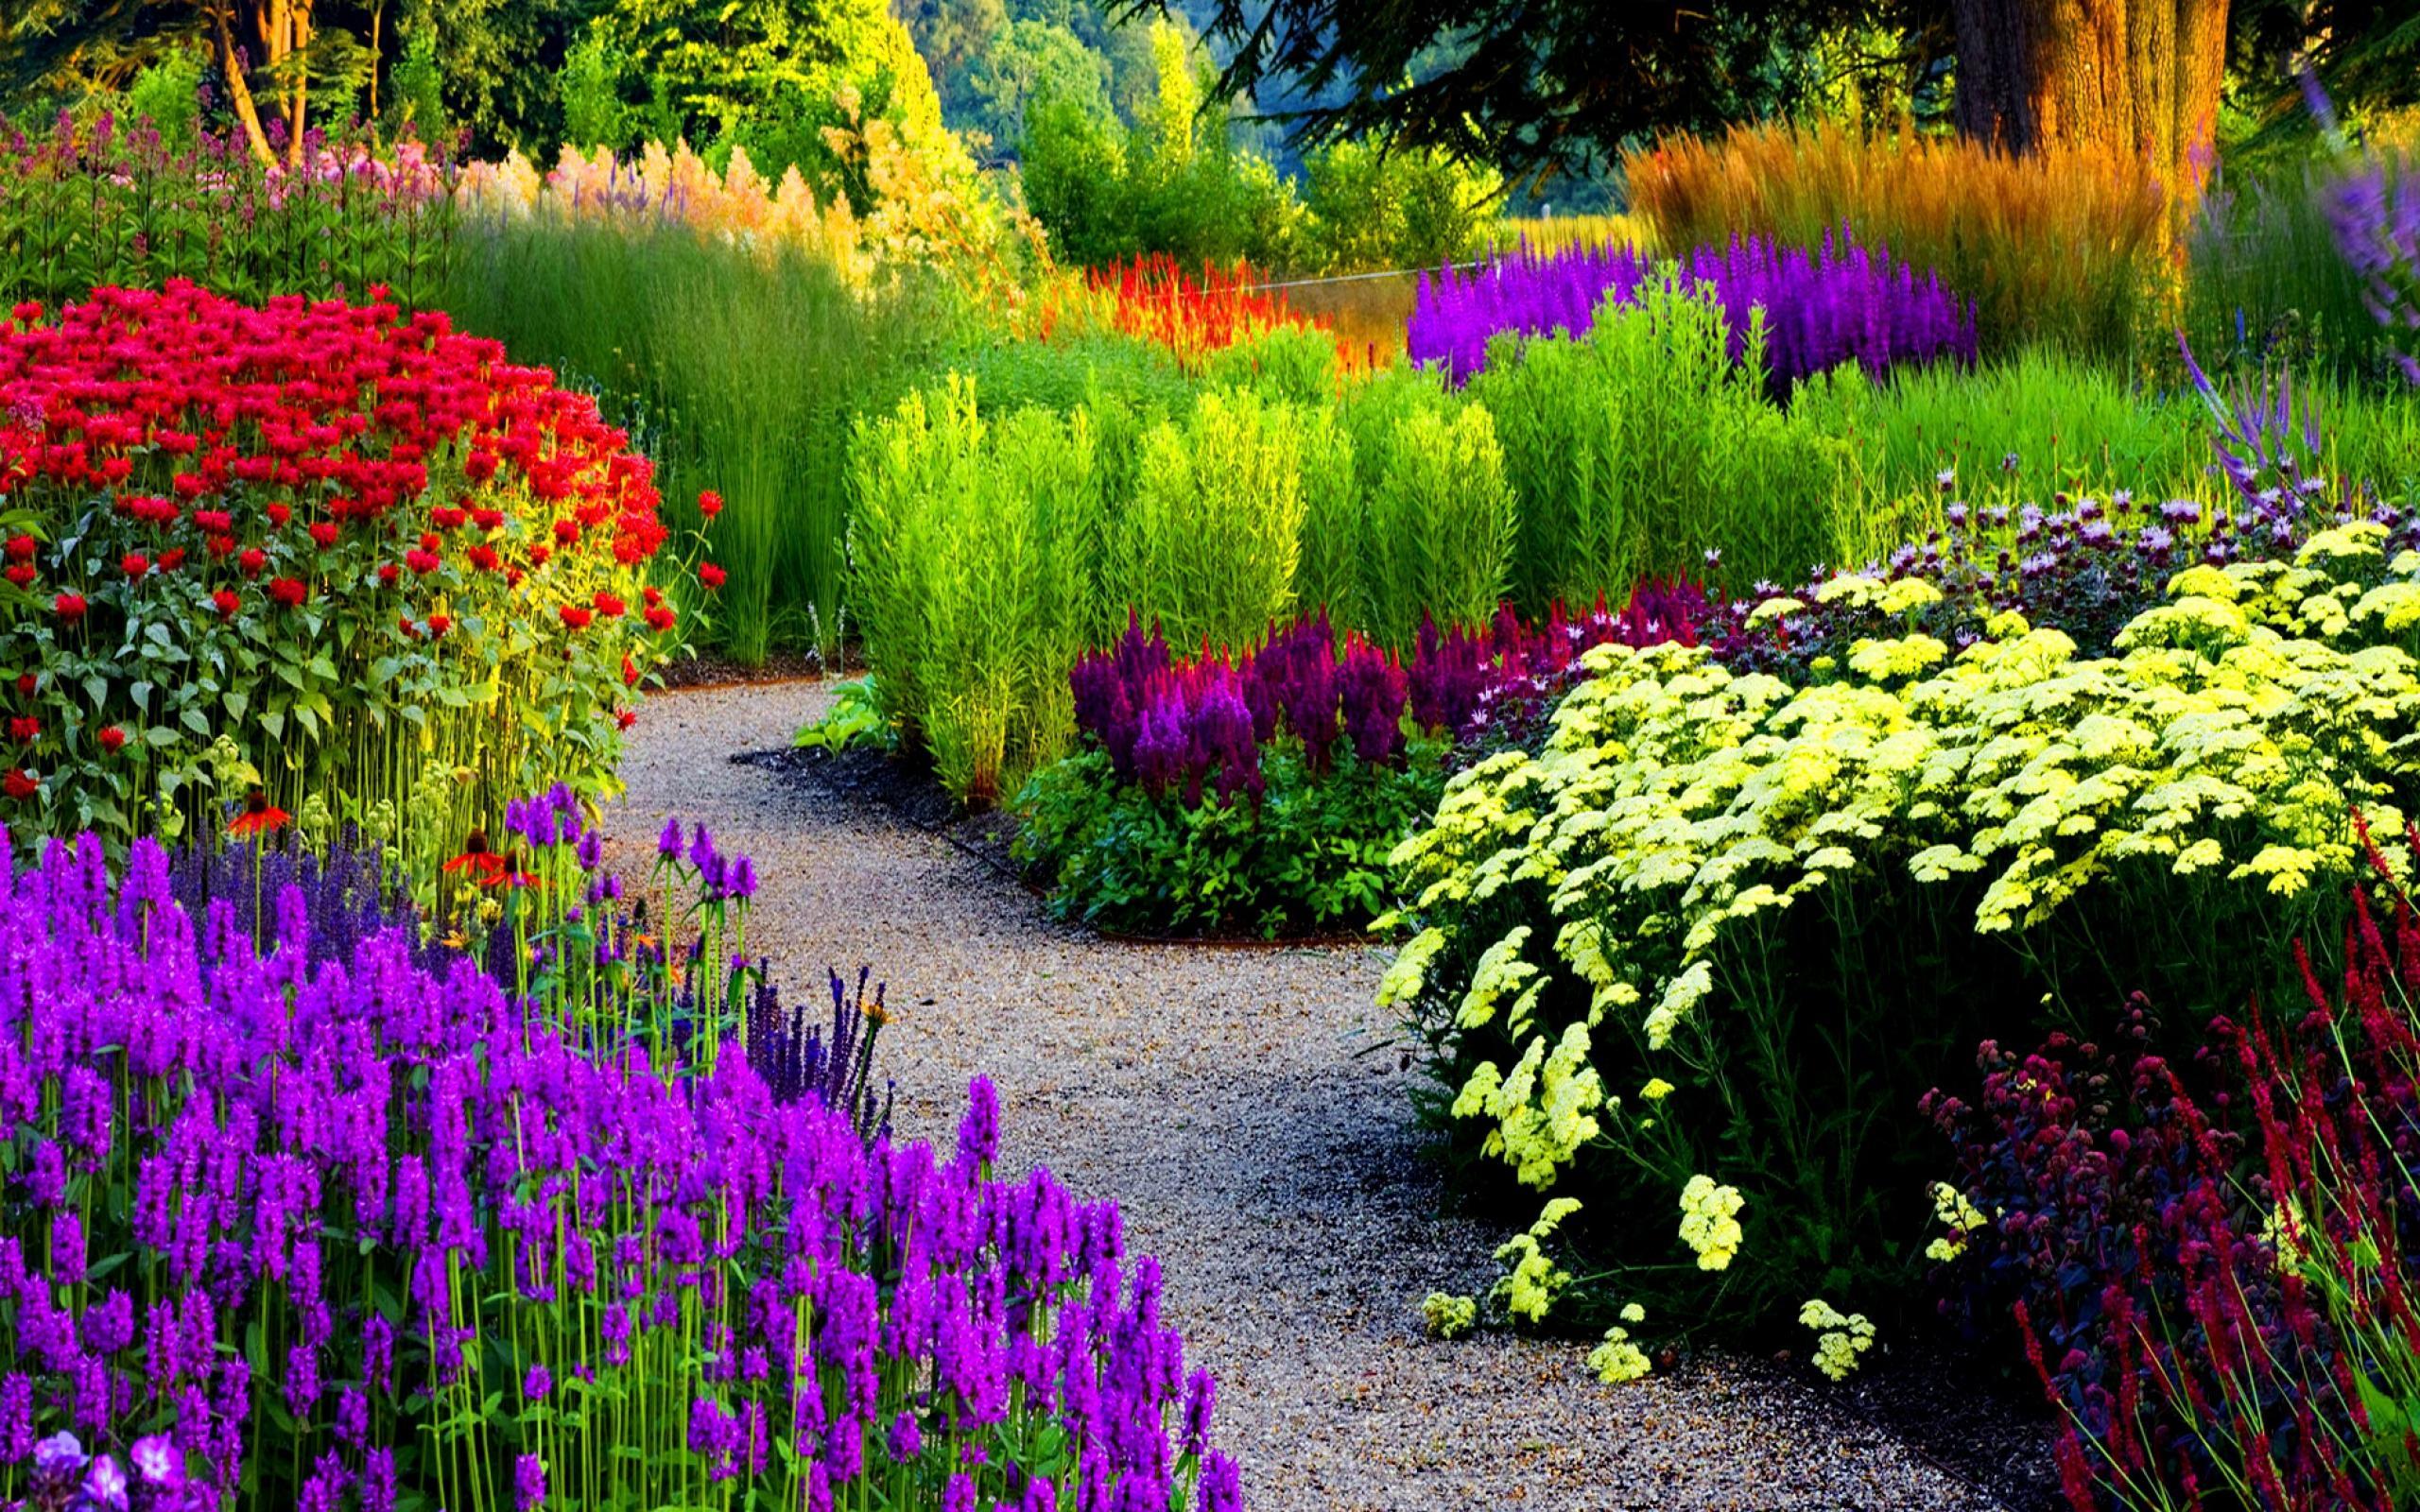 Best 53 Garden Backgrounds For Computers On Hipwallpaper - Most Beautiful Flower Garden , HD Wallpaper & Backgrounds